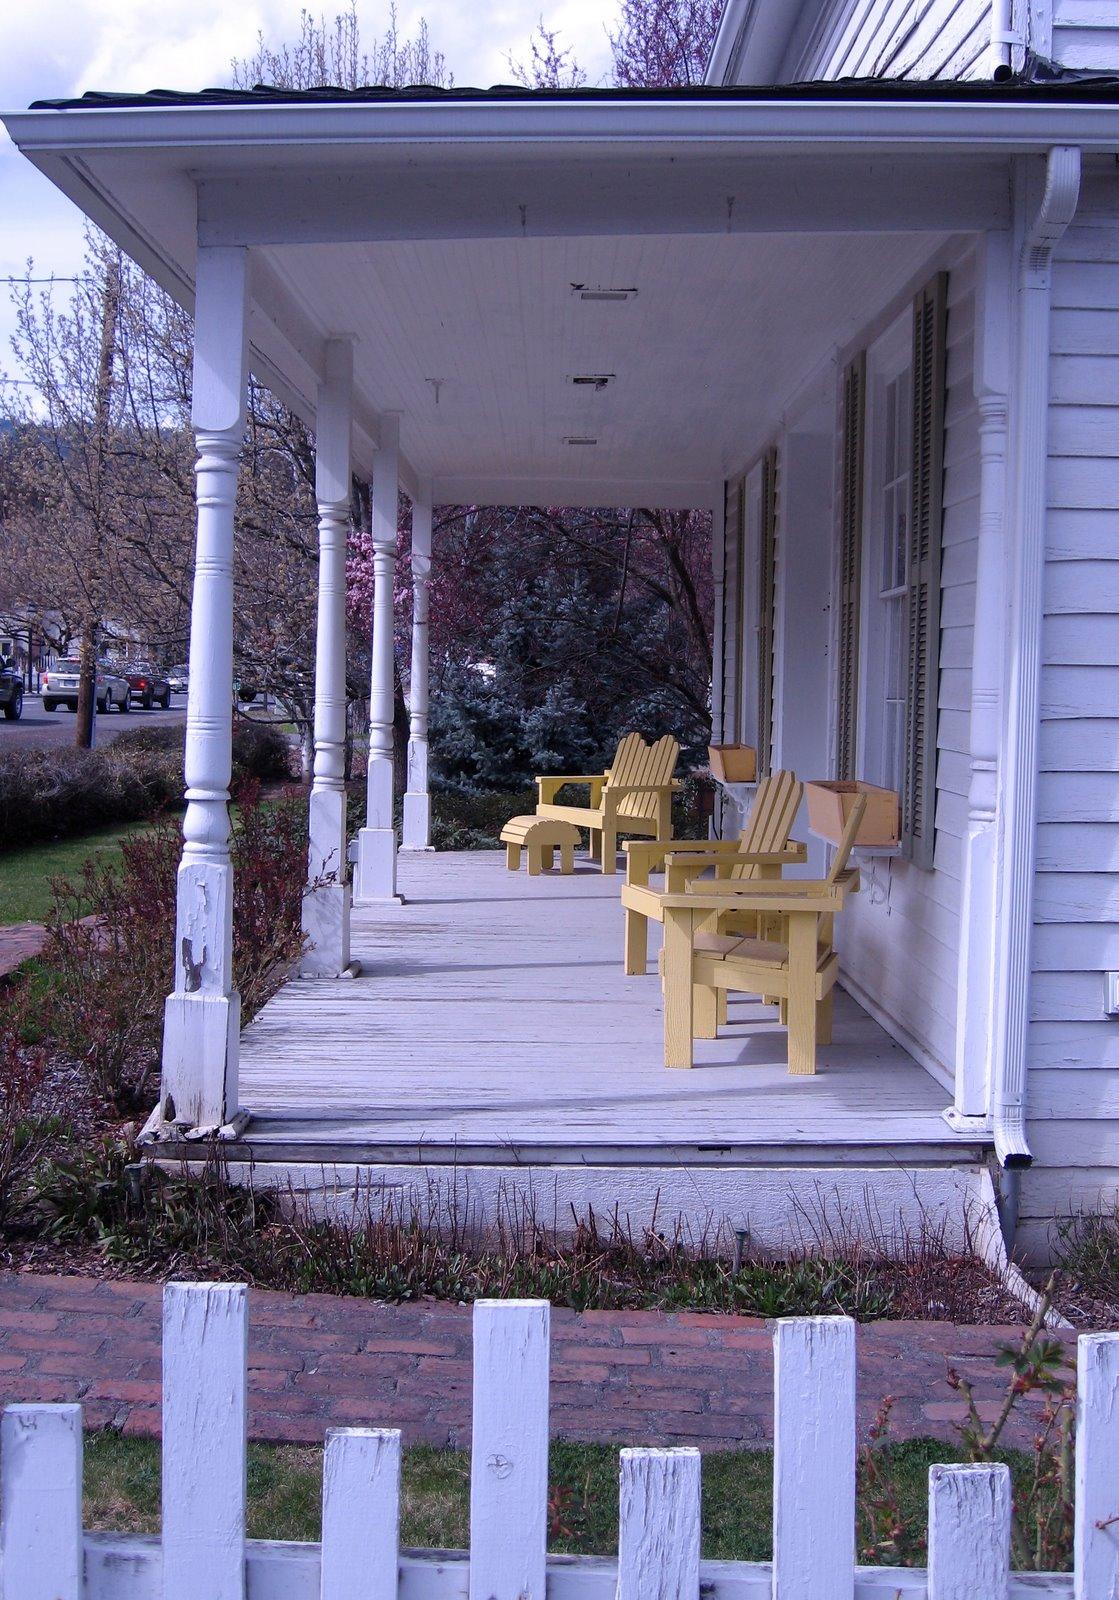 [Porch]